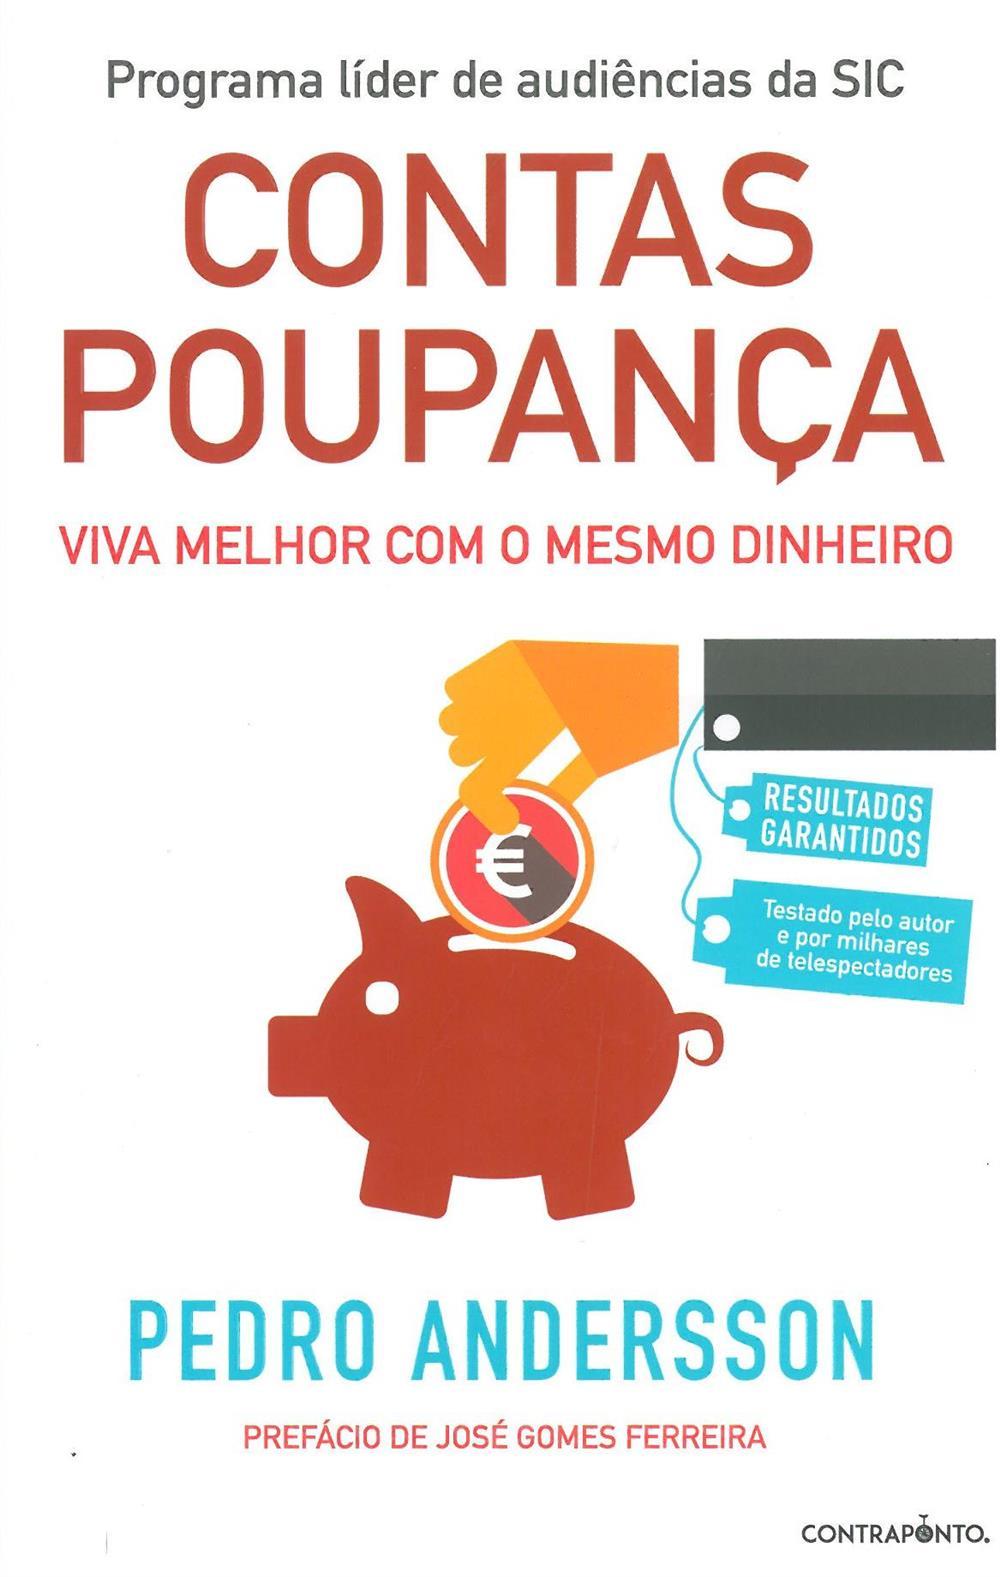 Contas poupança_.jpg